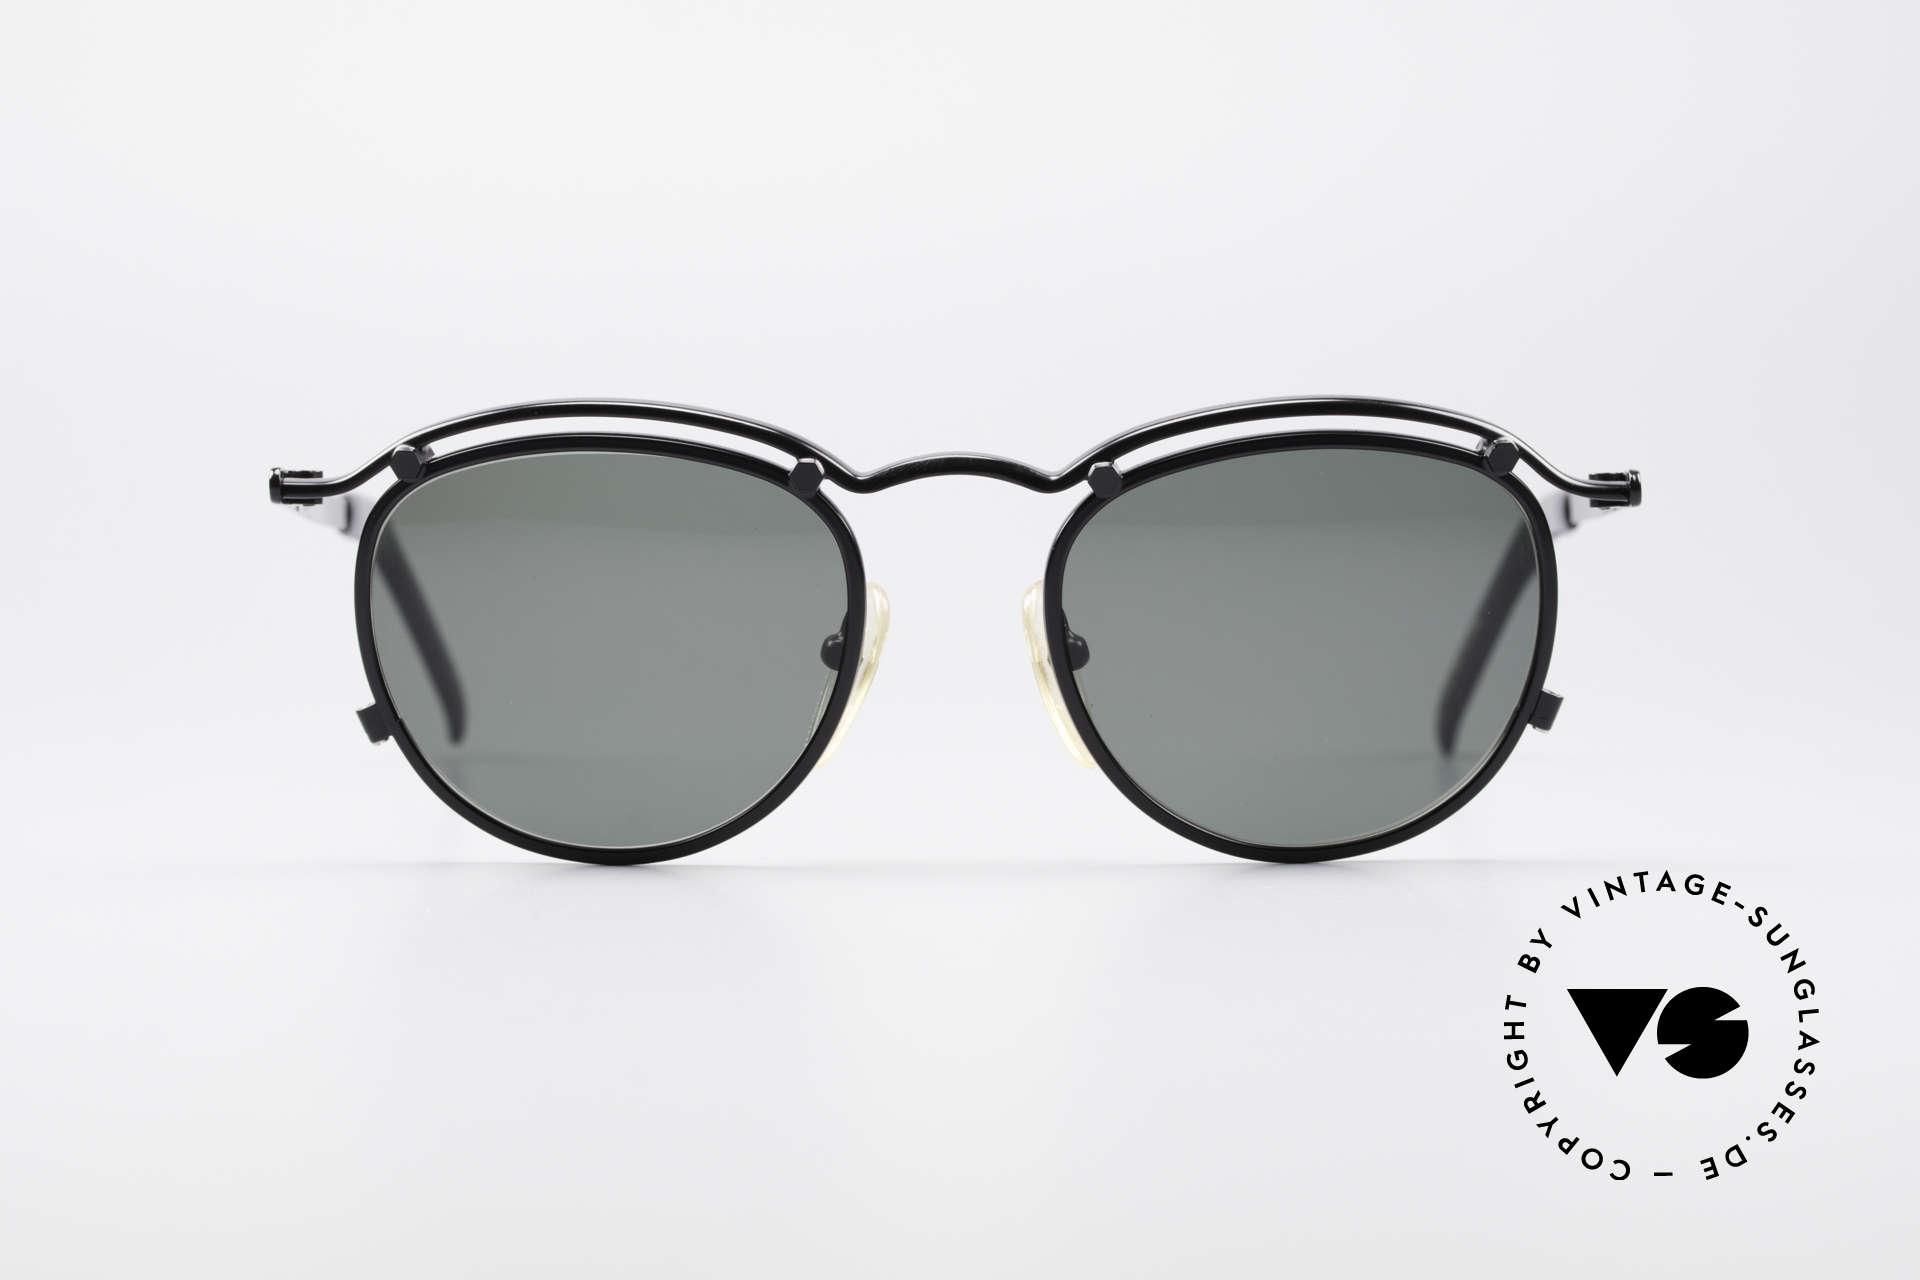 Jean Paul Gaultier 56-1174 Steampunk Panto Glasses, unique modified 'panto style' à la STEAMPUNK genre, Made for Men and Women